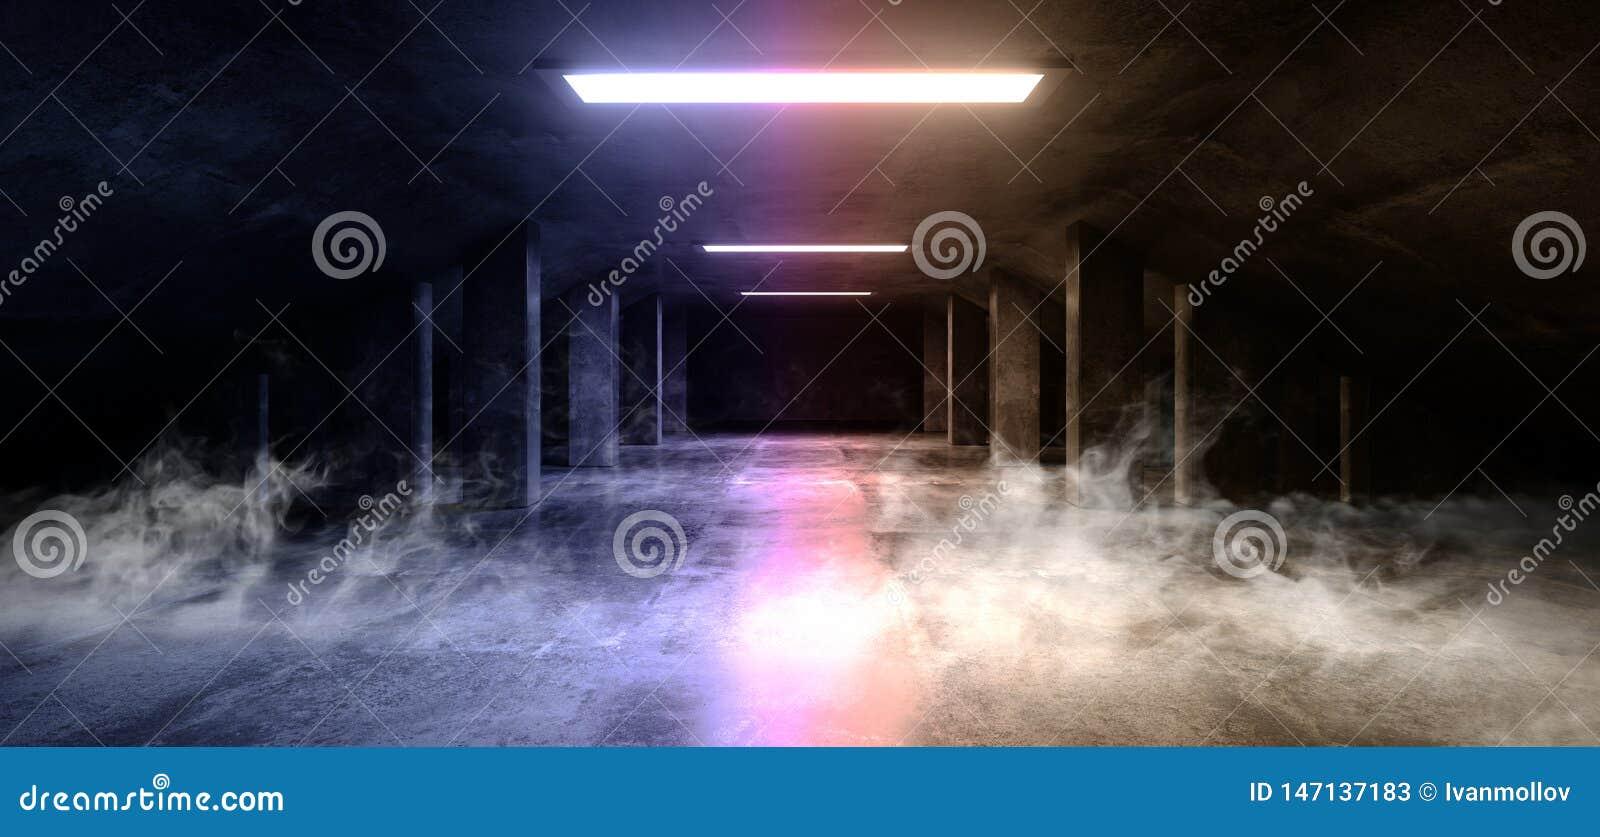 Zement-Asphalt Futuristic Spaceship Elegant Underground-Garagen-Tunnel-Korridor-leerer Raum Rauch Sci FI moderner dunkler konkret